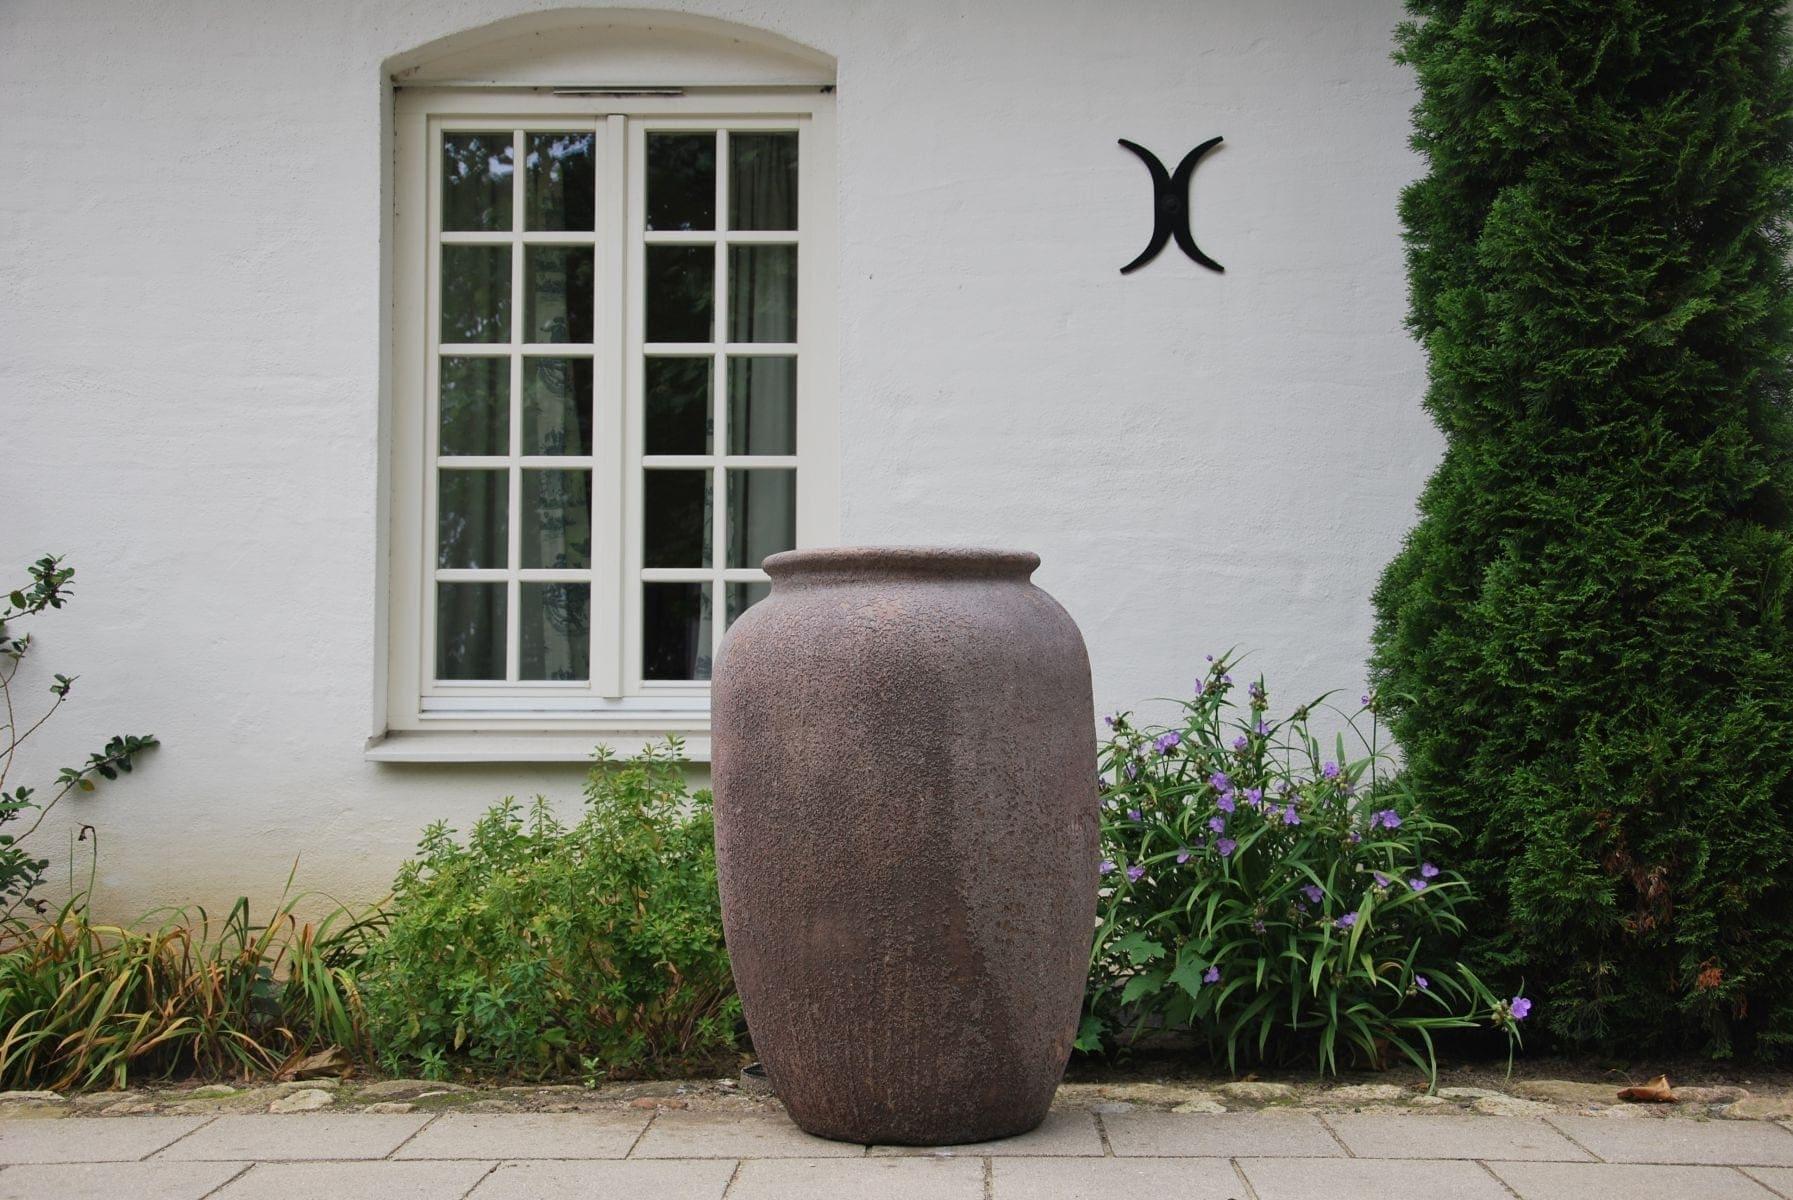 Vaso Barile stor urna och frosttålig utekruka från Cadabra